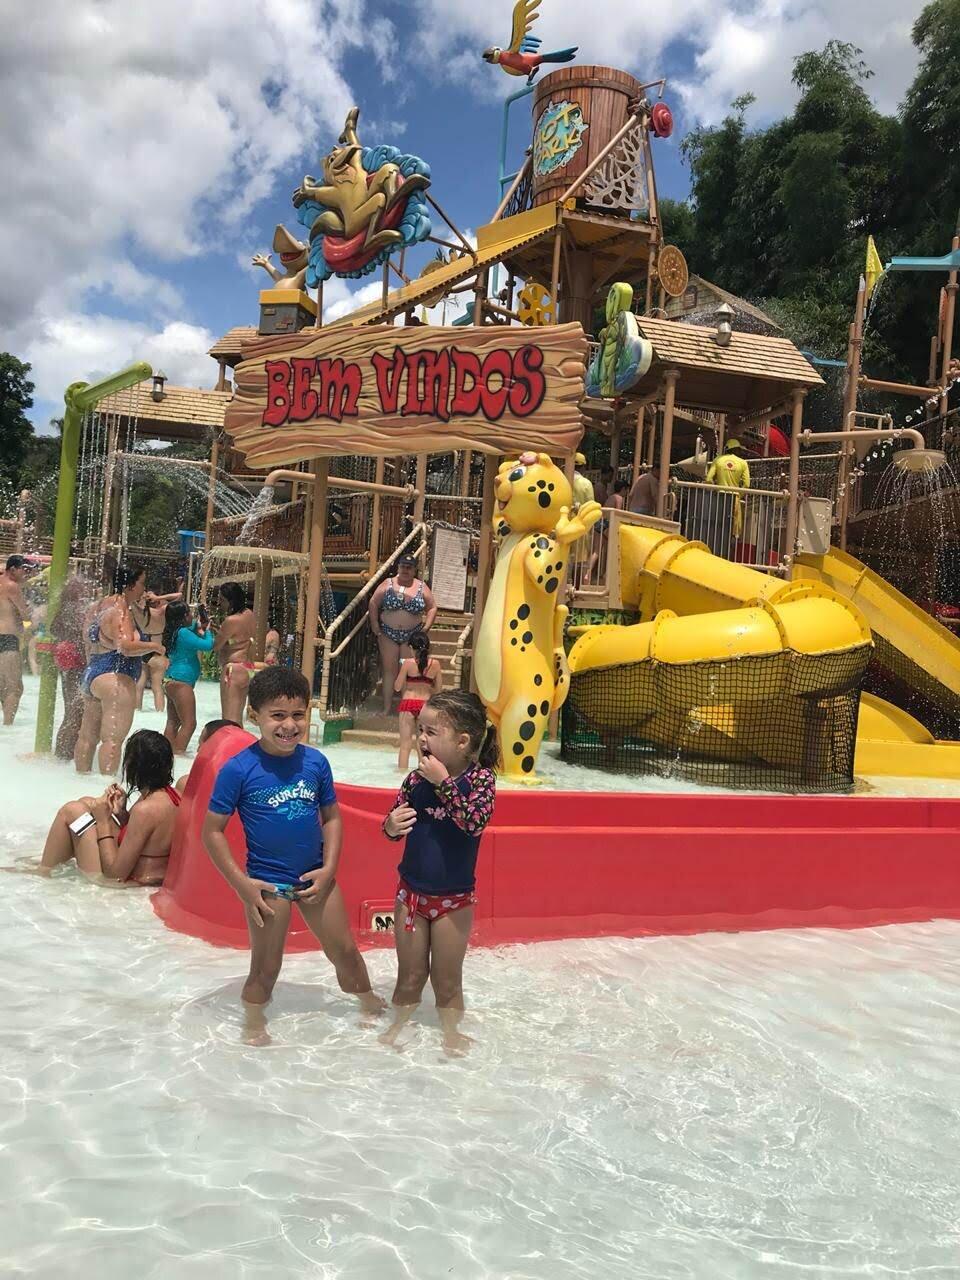 Estêvão e sua amiguinha no Rio Quente Resorts